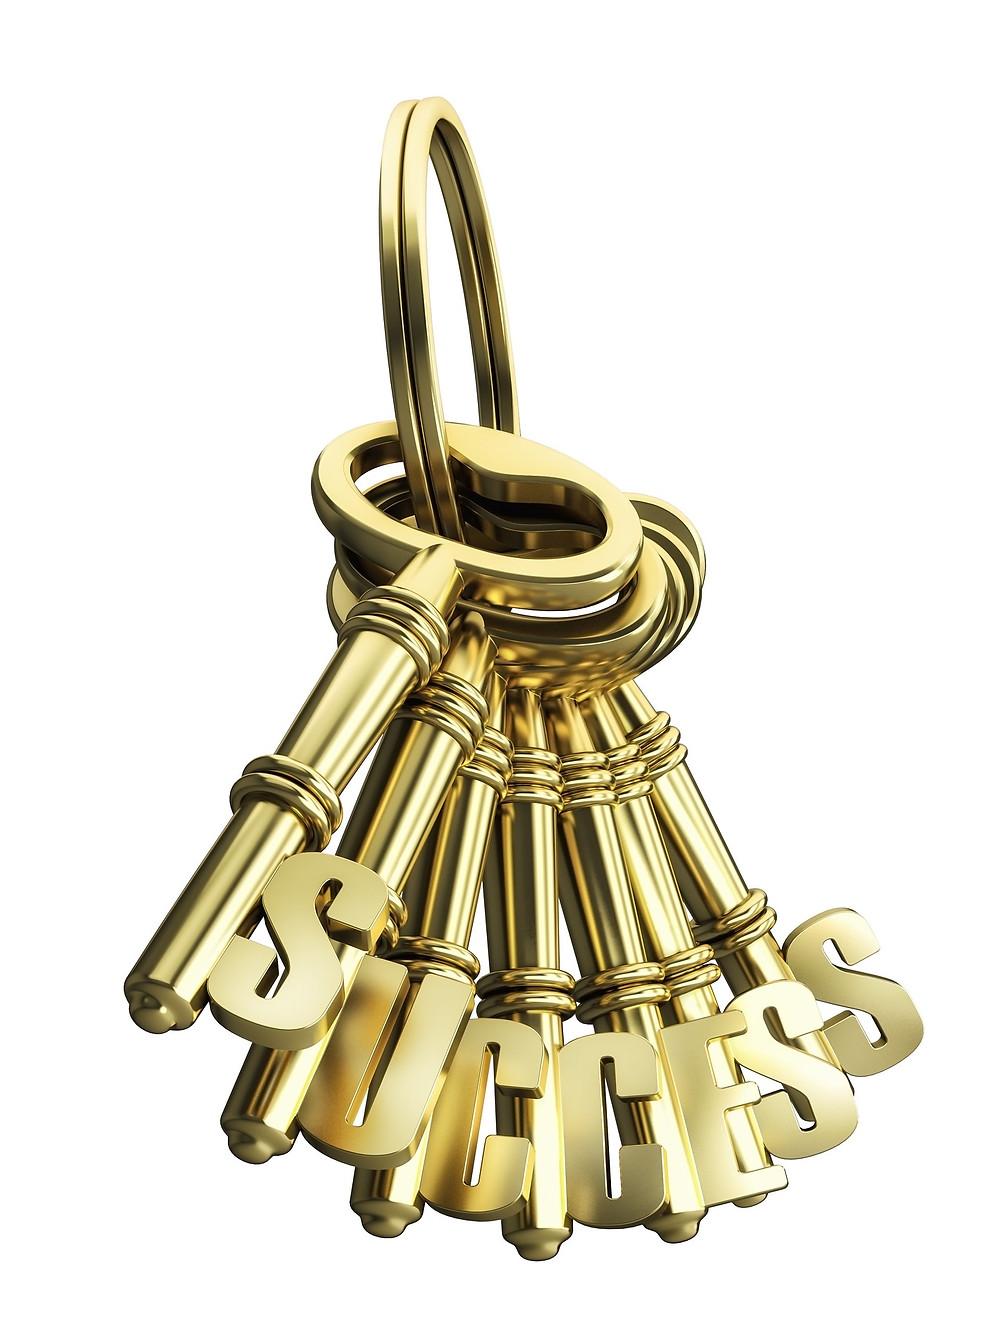 צרור מפתחות מזהב